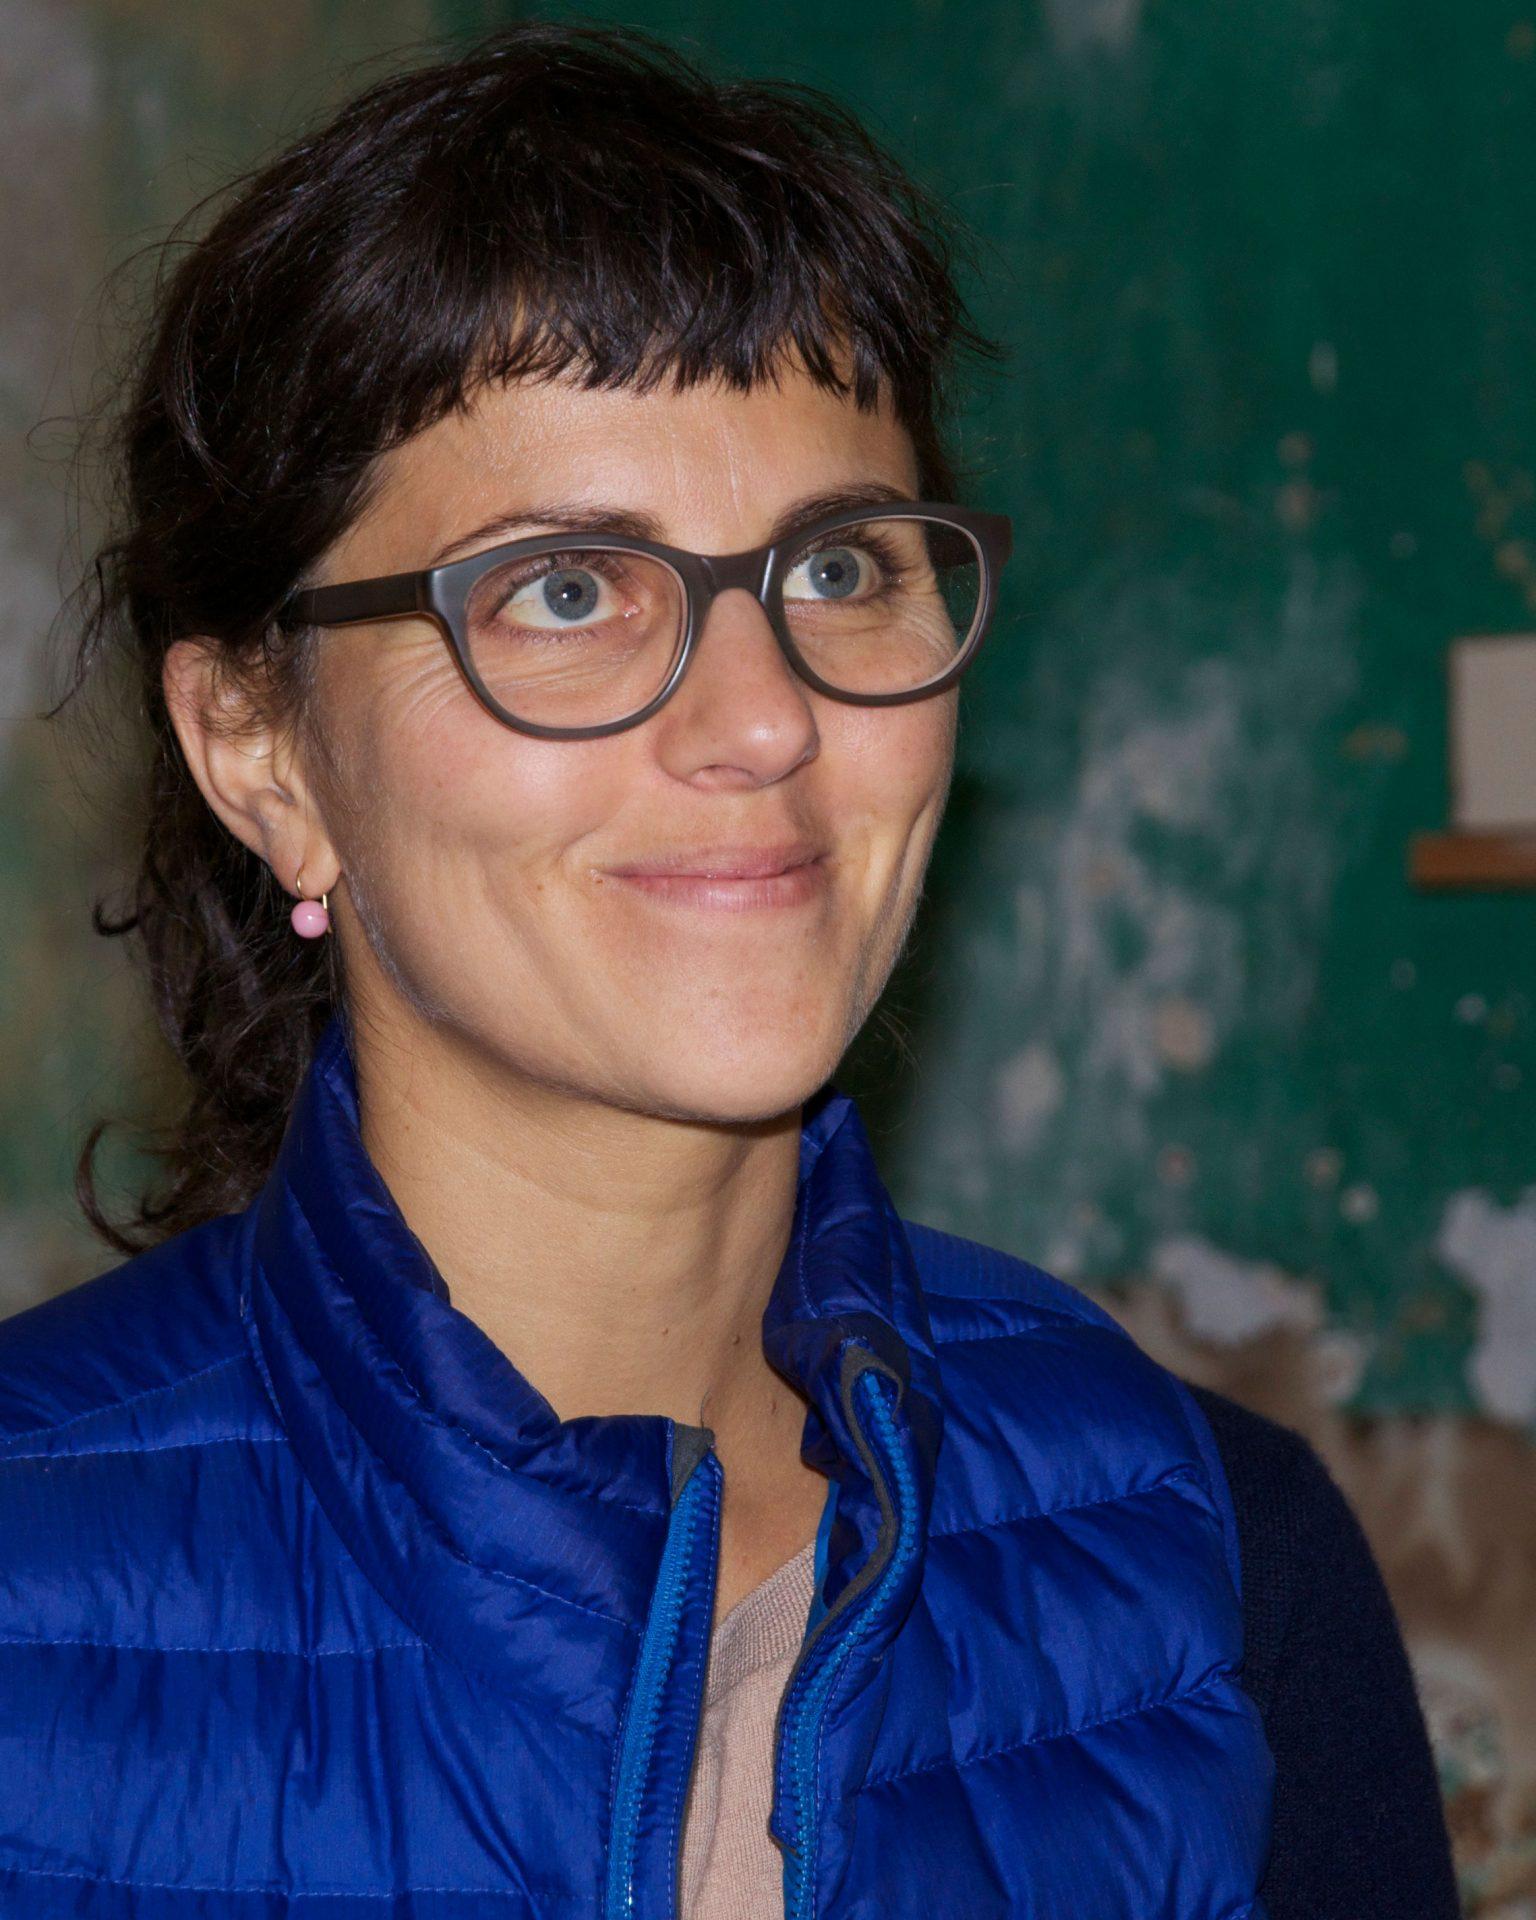 Annamaria Leiste, 2011